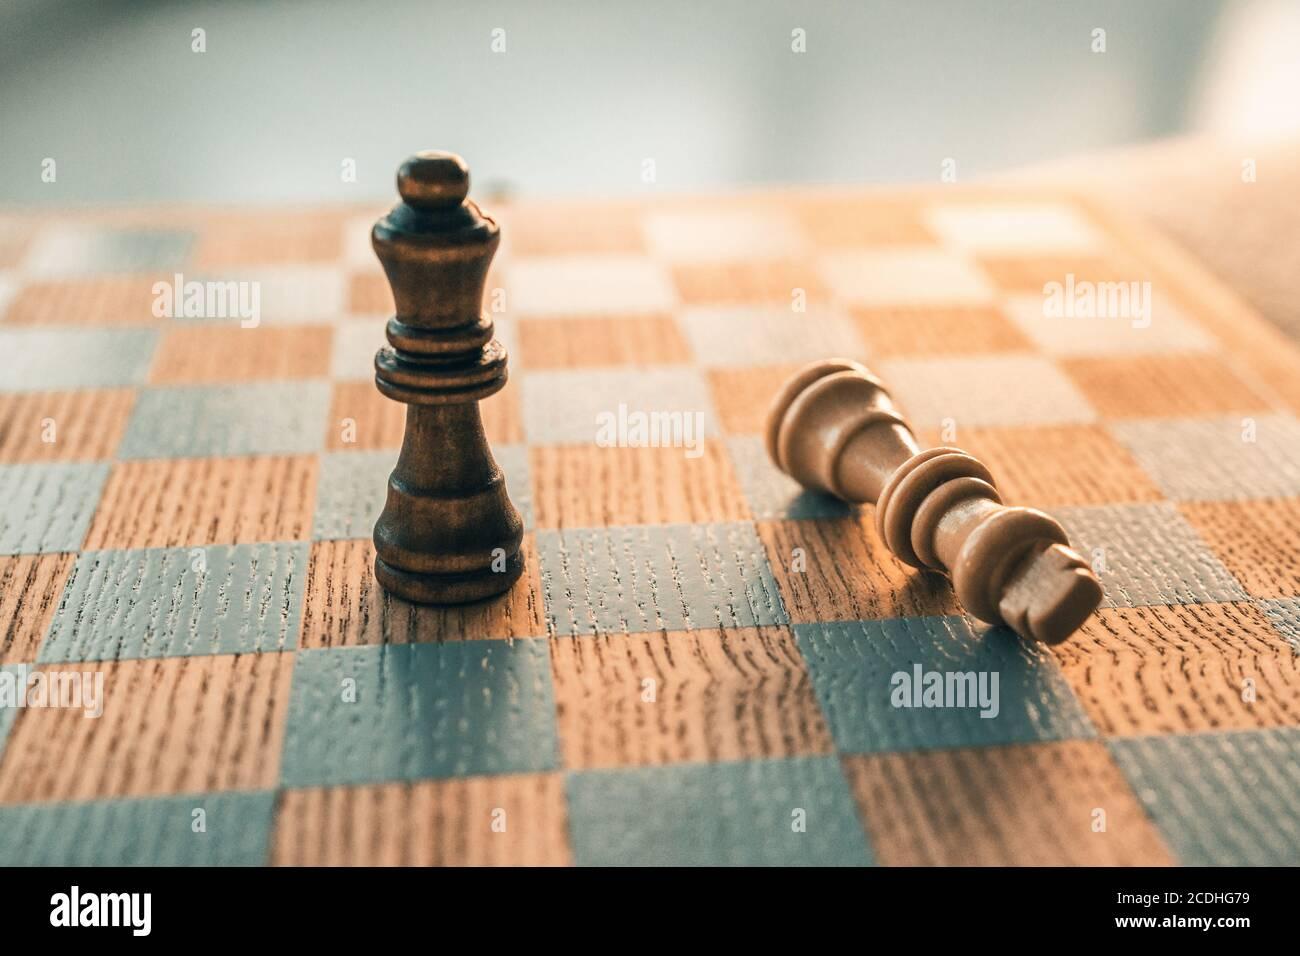 Jeu d'échecs gagnant concept. Victoire Move avec la dernière pièce debout sur le panneau en bois de chessboard Banque D'Images